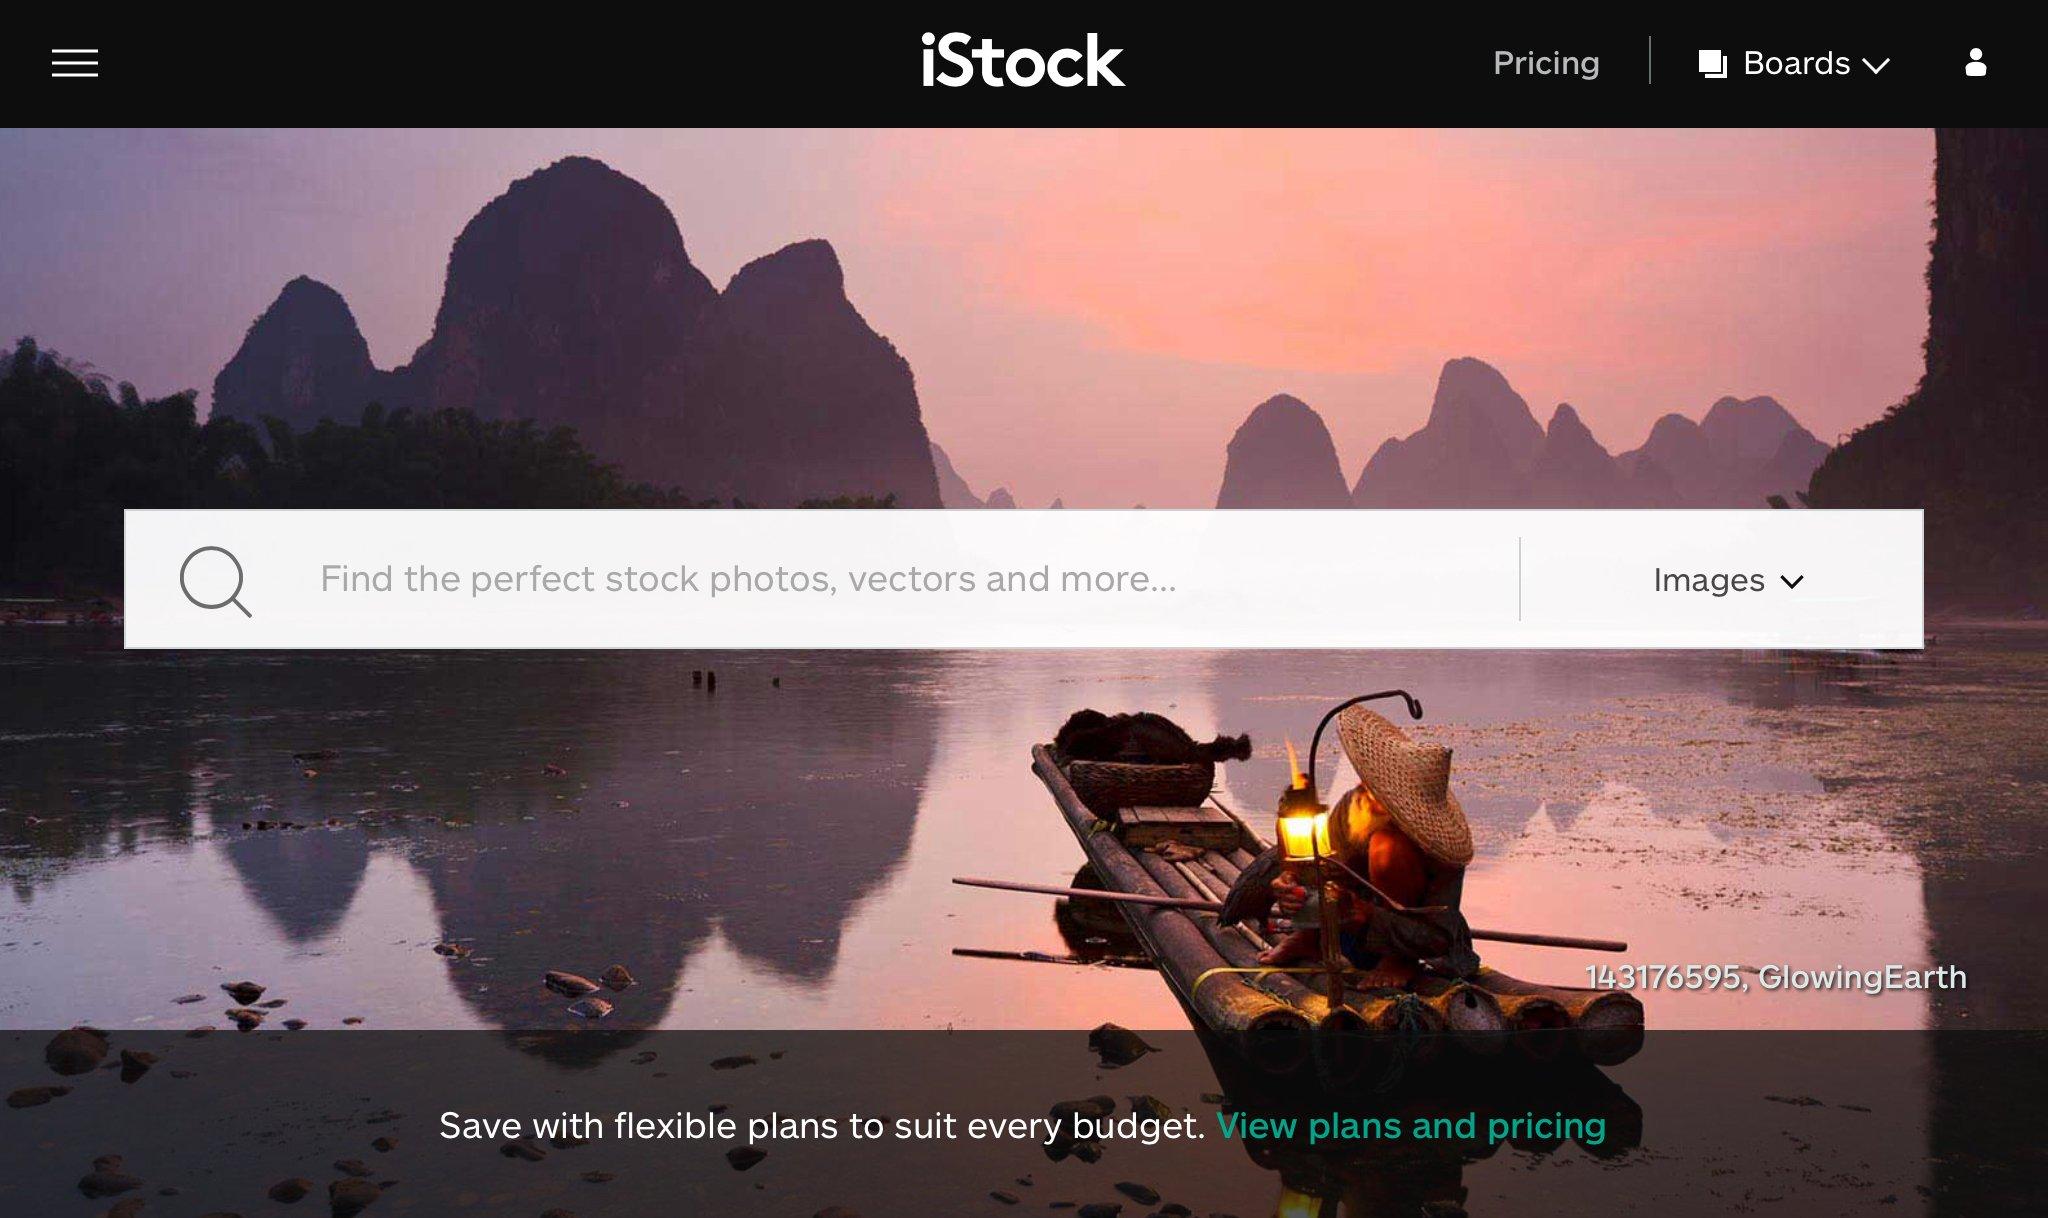 iStock Plans